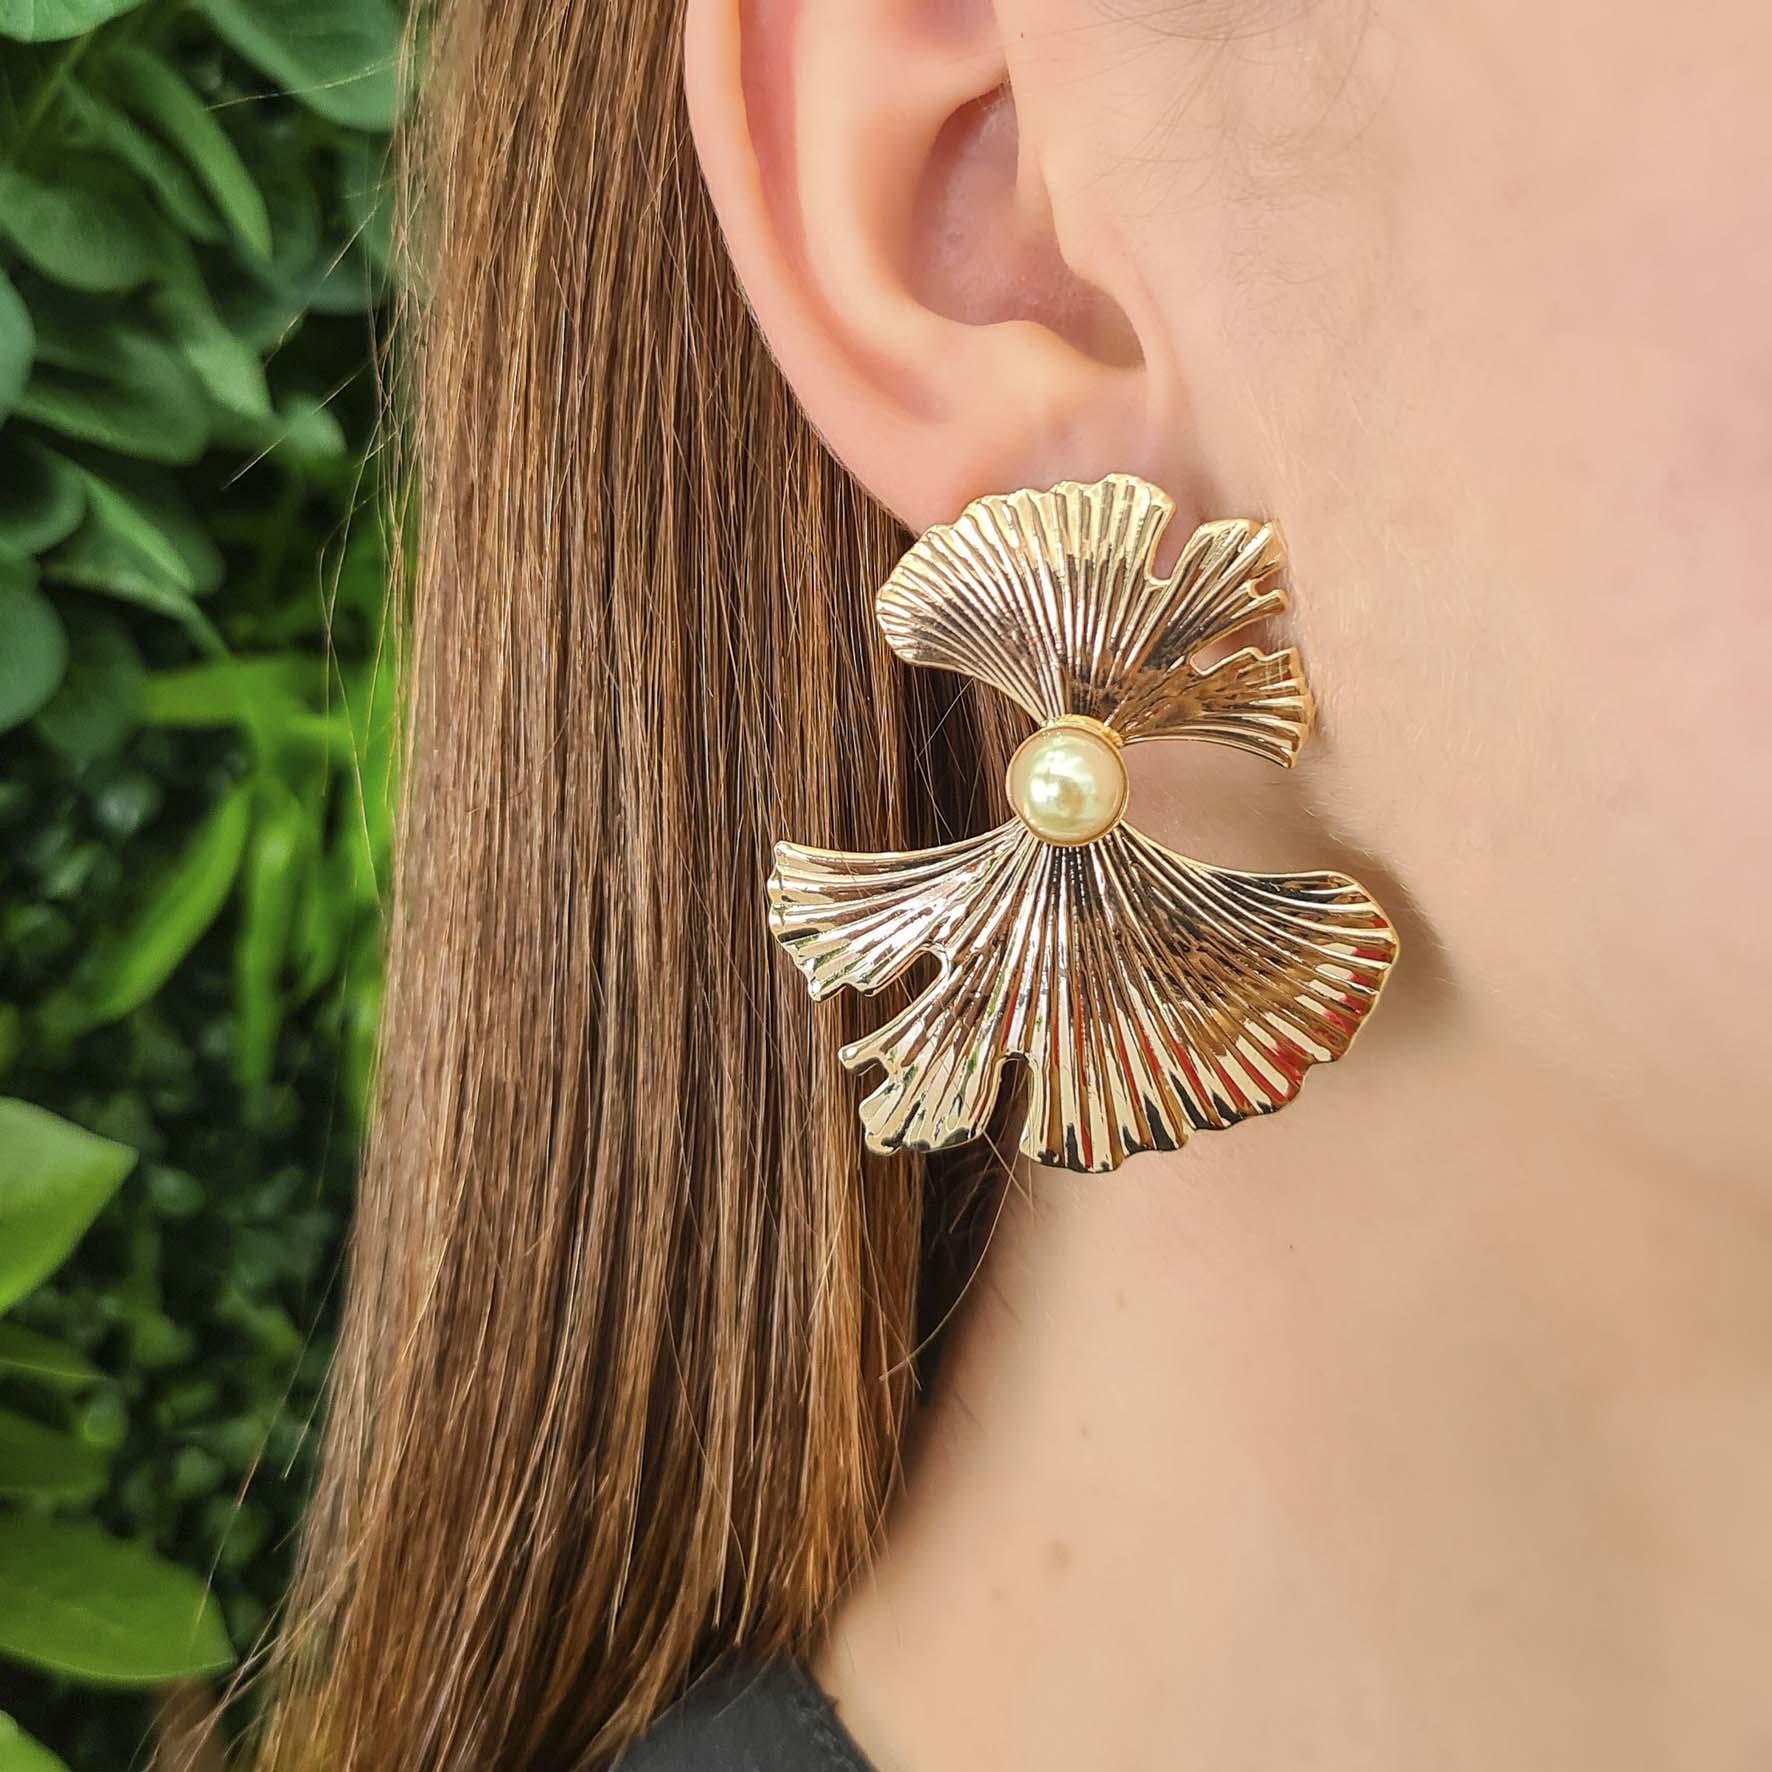 Brinco flor com pérola central banhado a ouro 18k